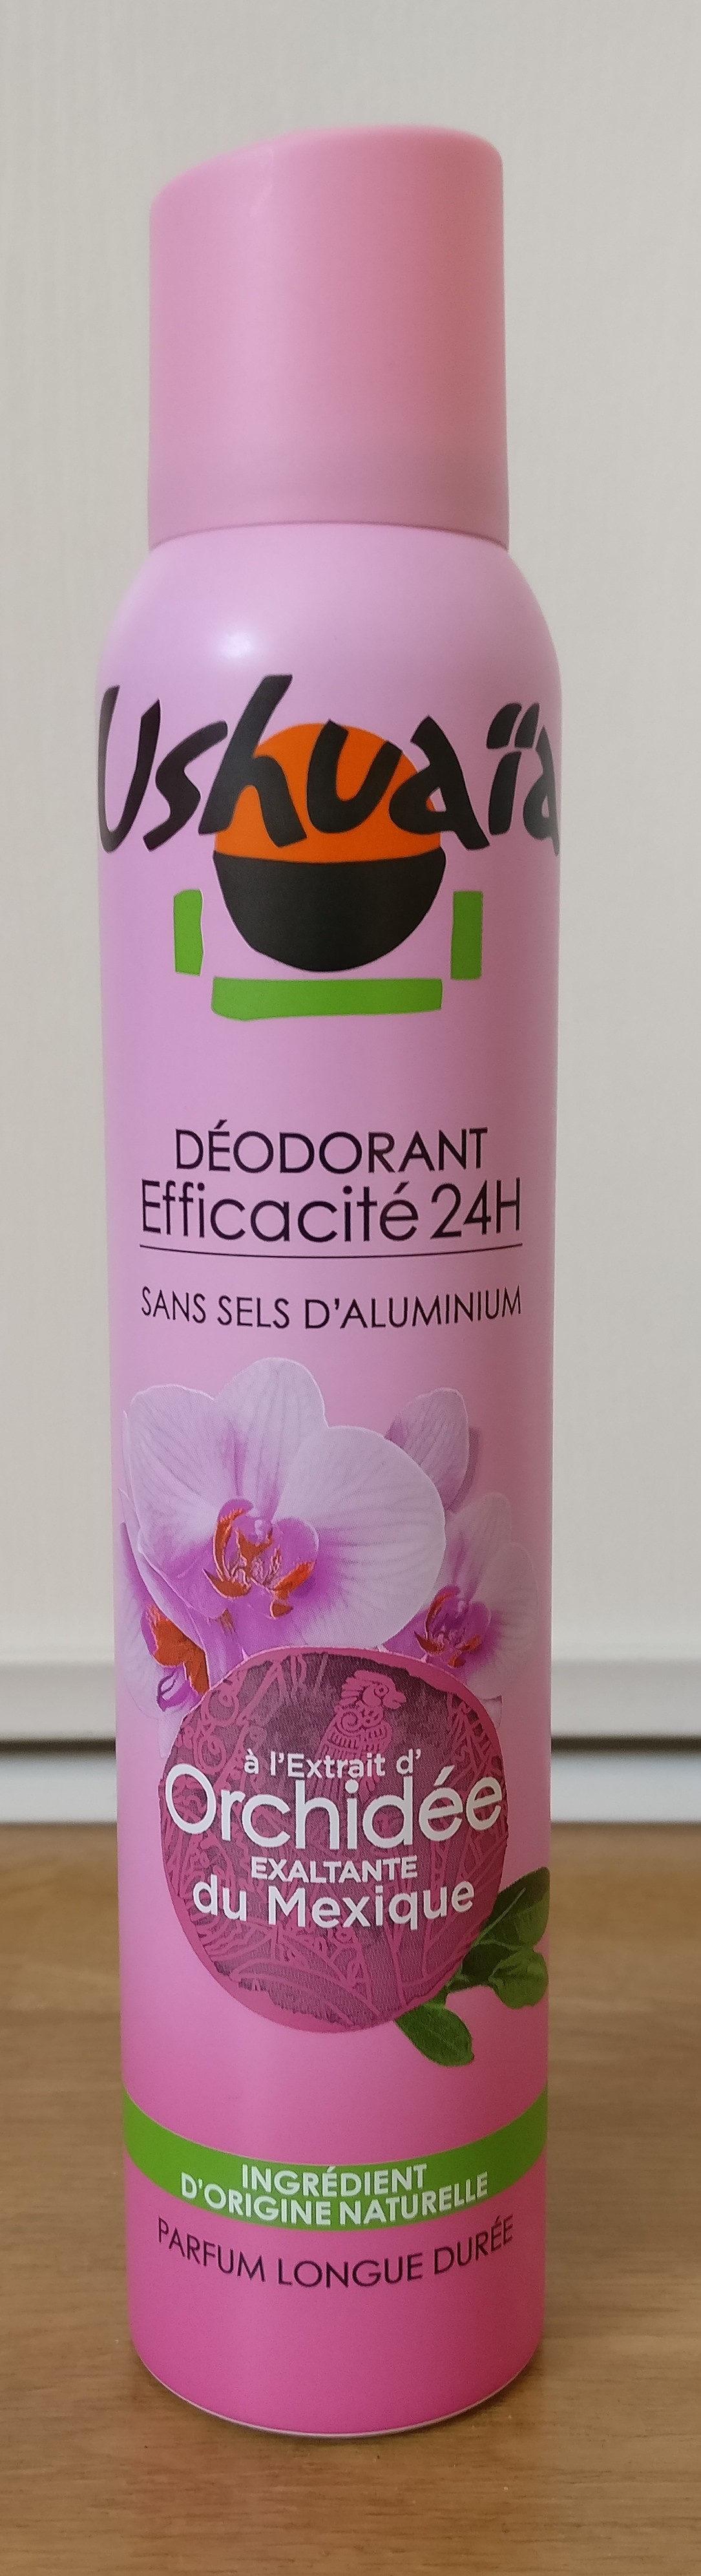 Déodorant efficacité 24h à l'extrait d'orchidée exaltante du Mexique - Product